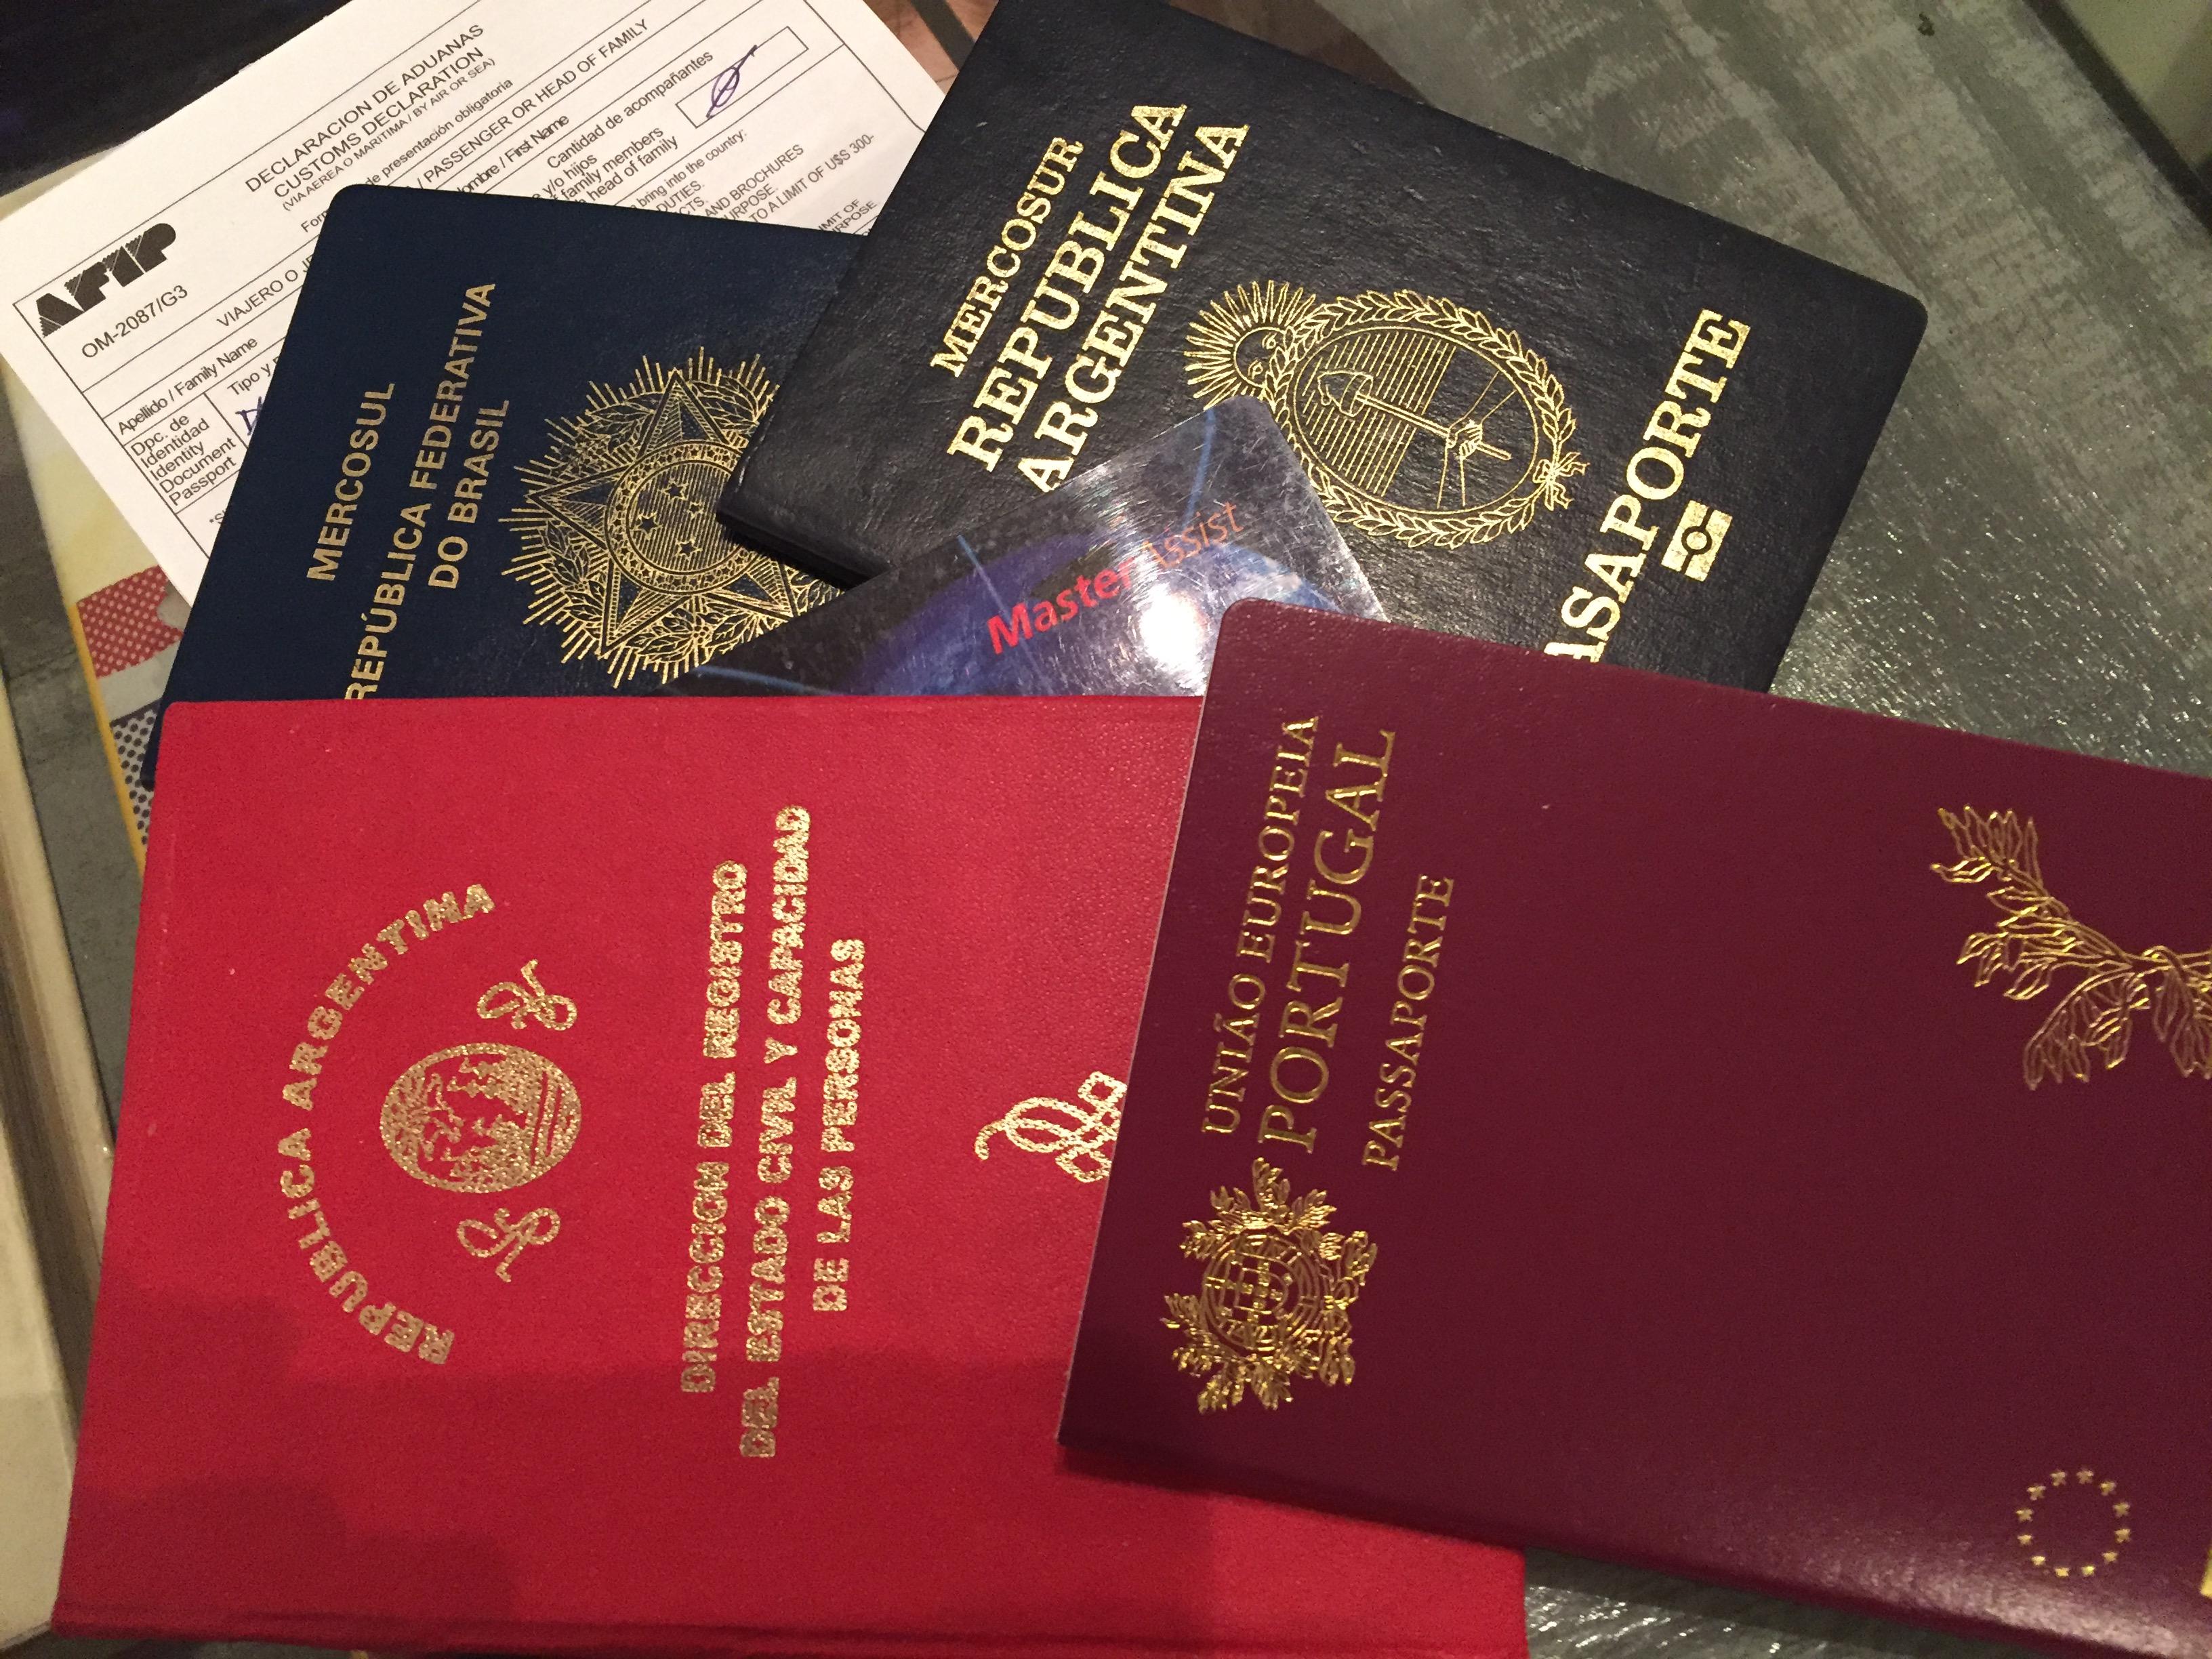 img 7517 - ¿Que documentos se necesitan para viajar al exterior?